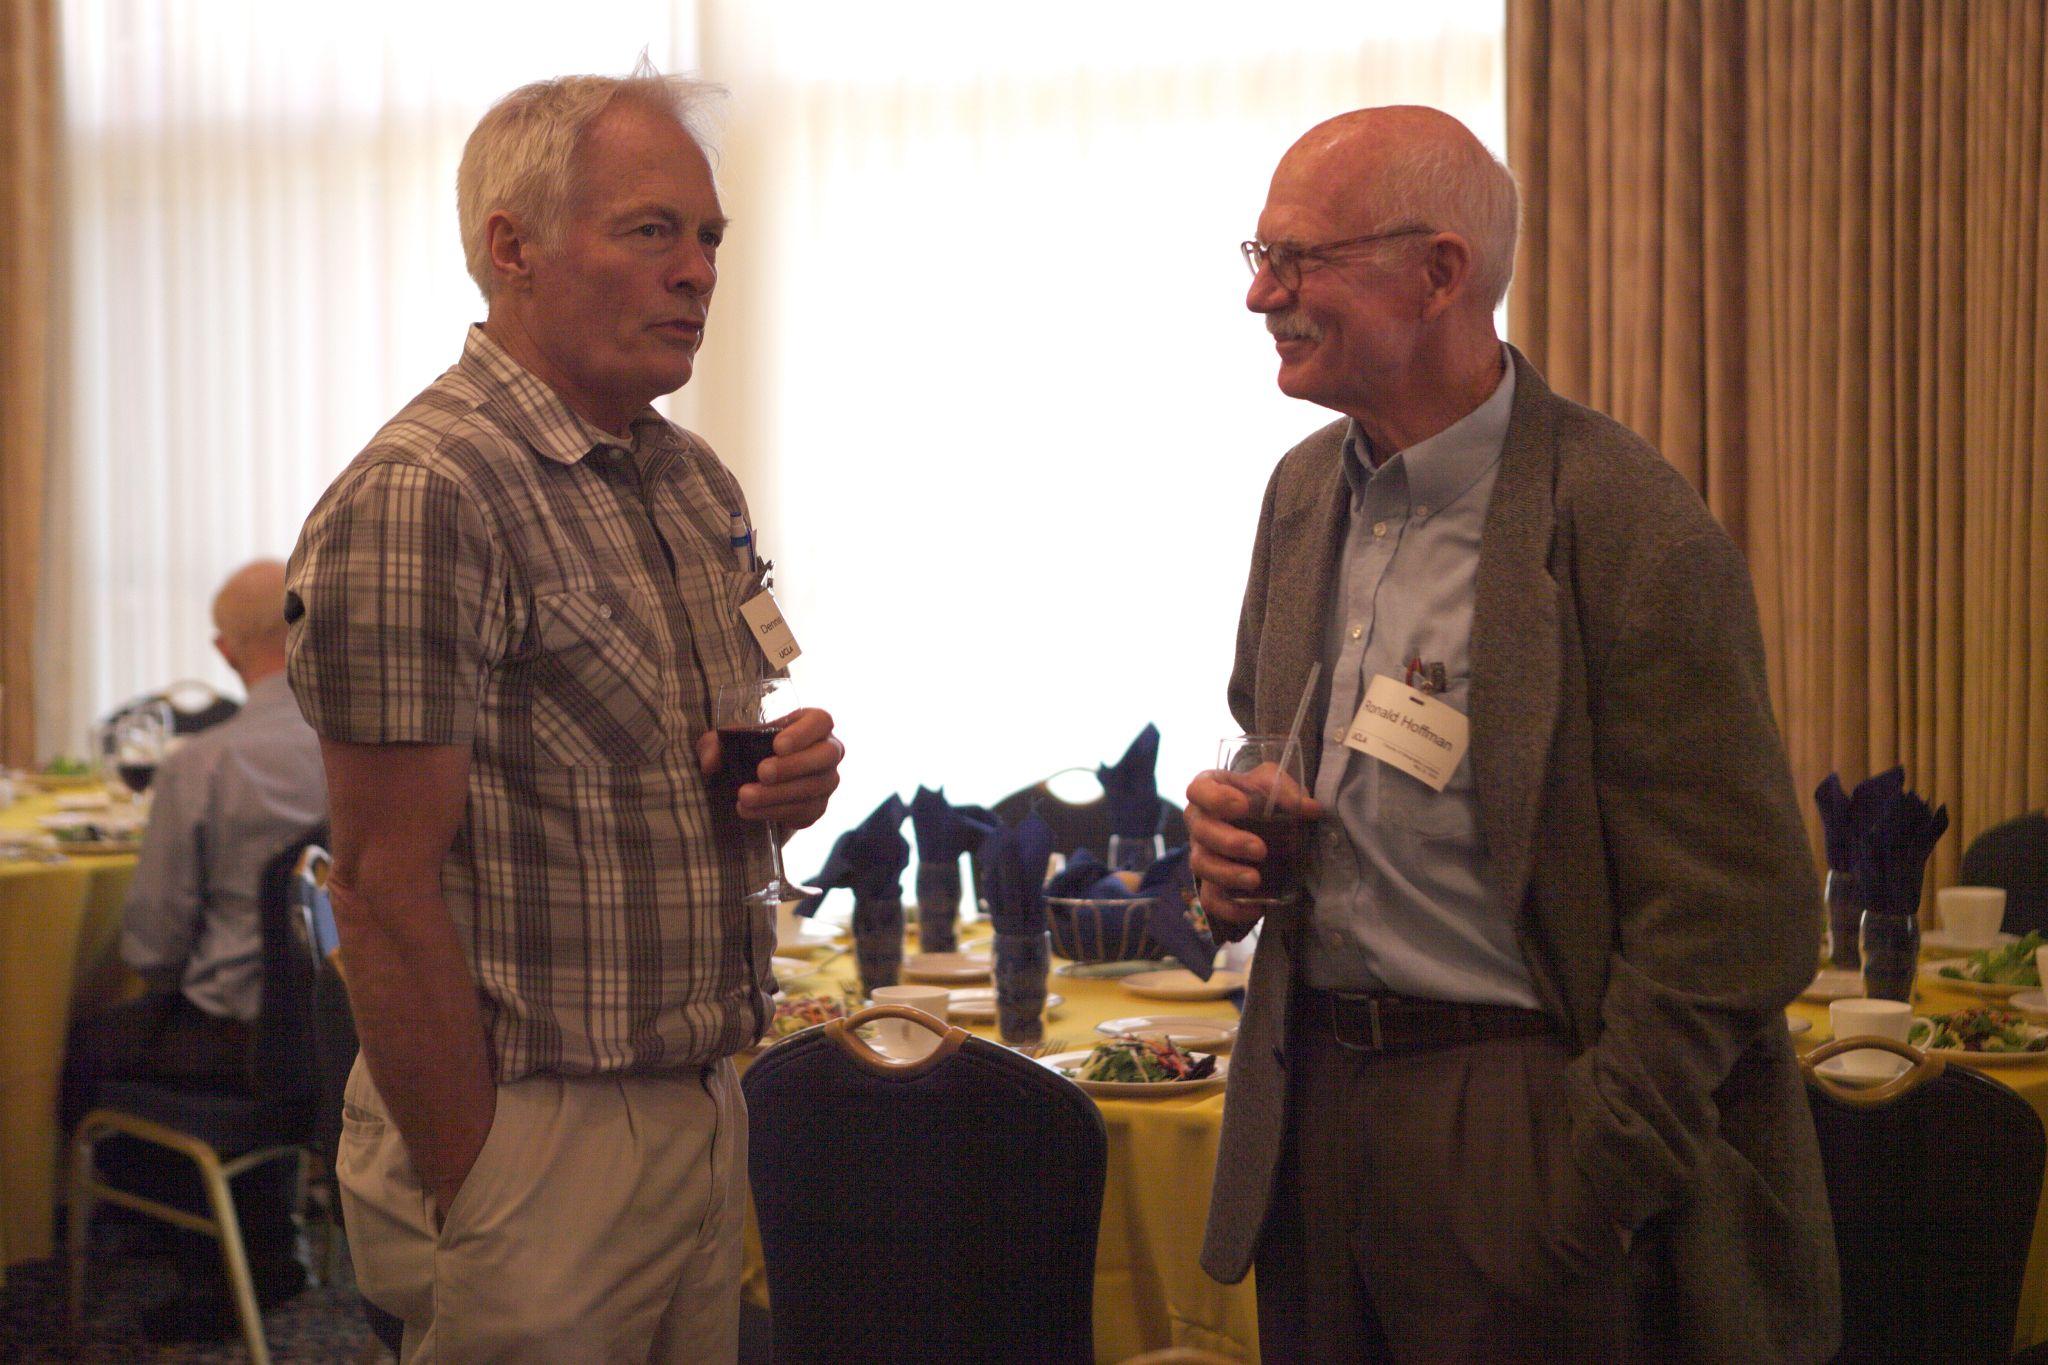 Professor Lettenmaier and Ronald Hoffman